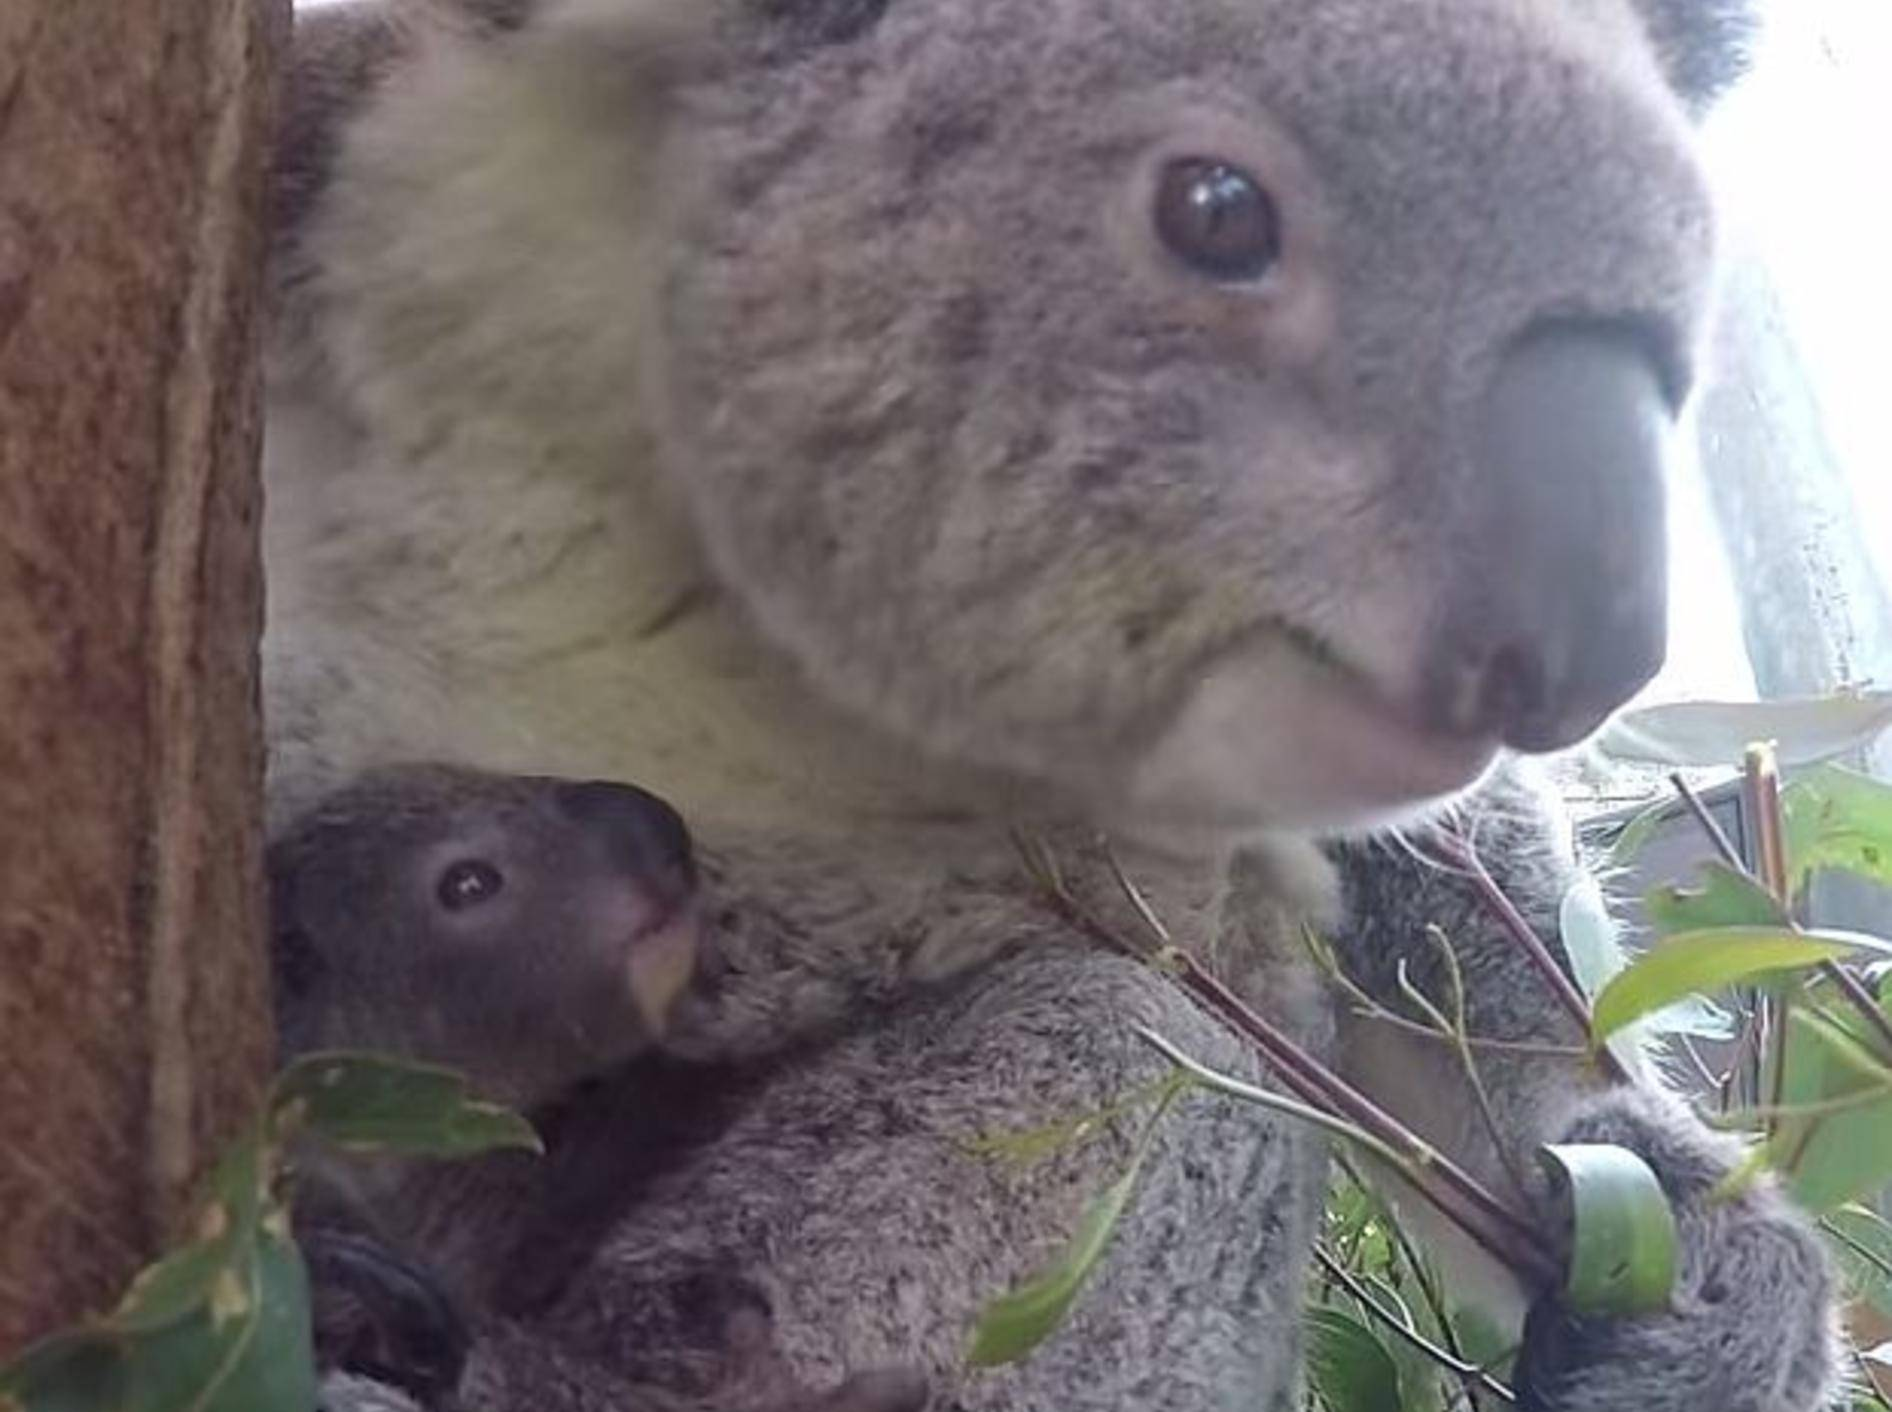 Zoo in Sydney hat einen zauberhaften neuen Baby-Koala – Bild: Youtube / Taronga Sydney